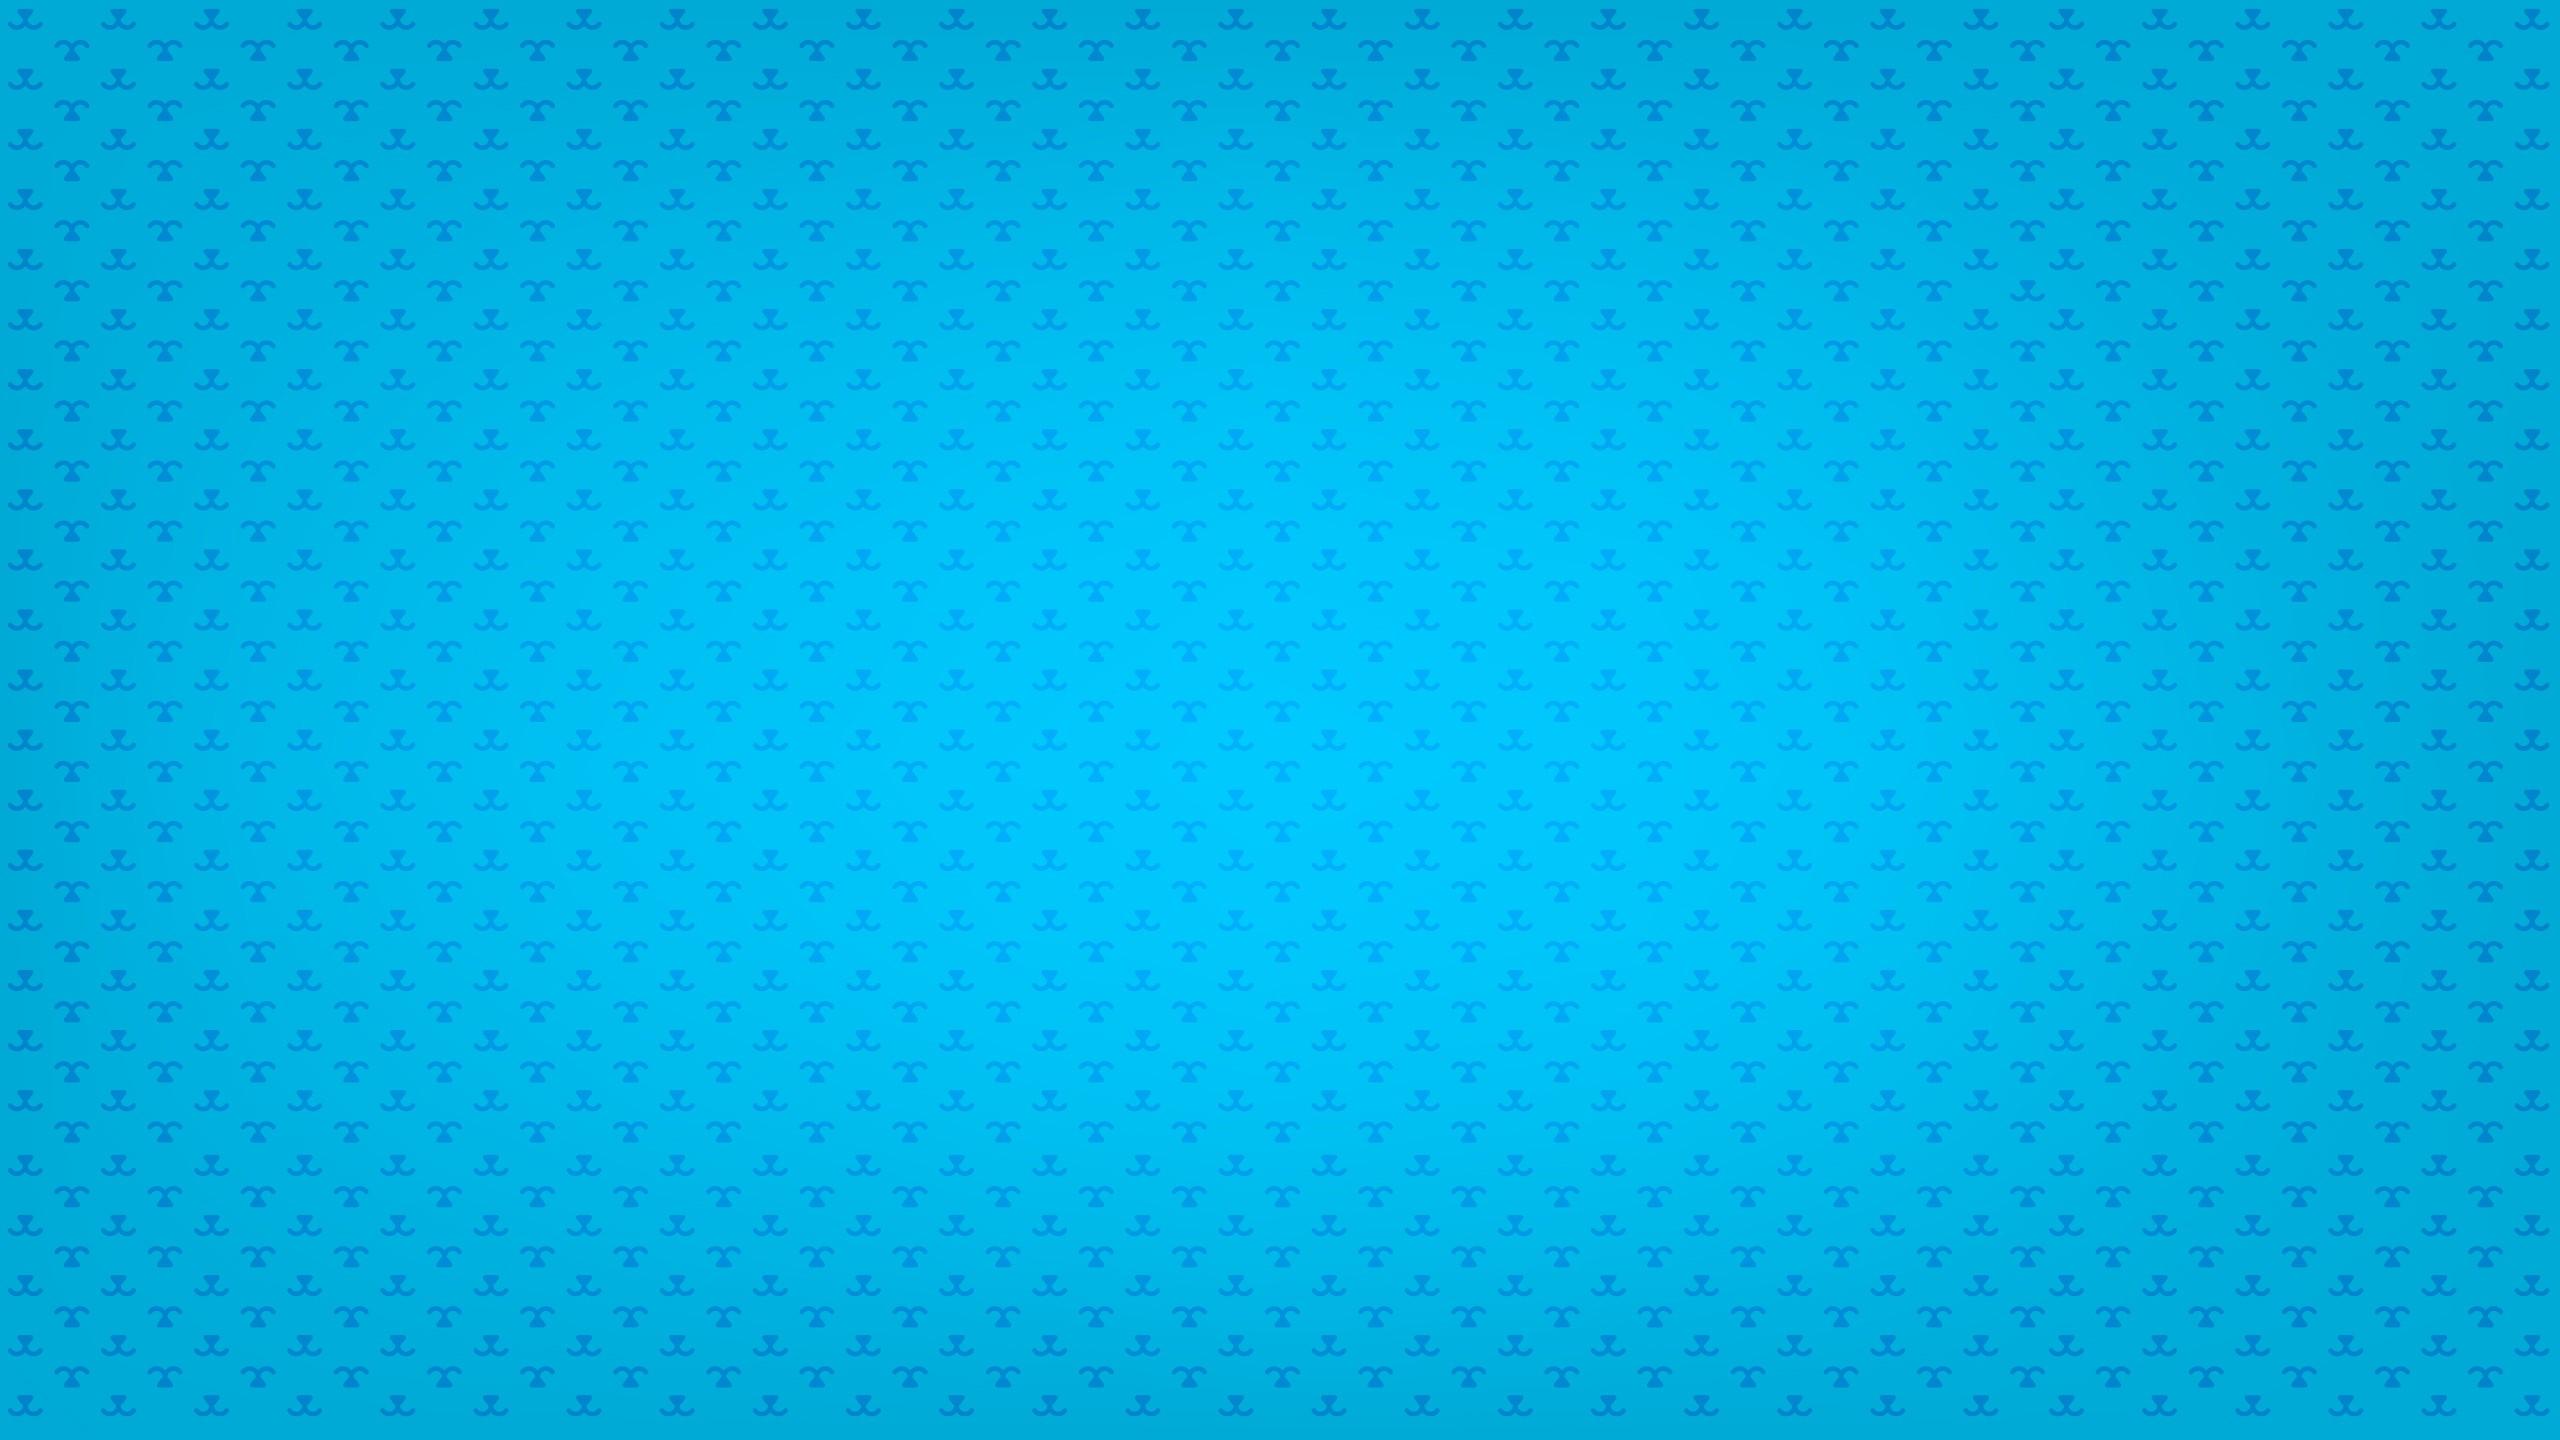 Fondos De Color Verde Agua: Fondos De Pantalla : Texto, Verde, Azul, Patrón, Circulo